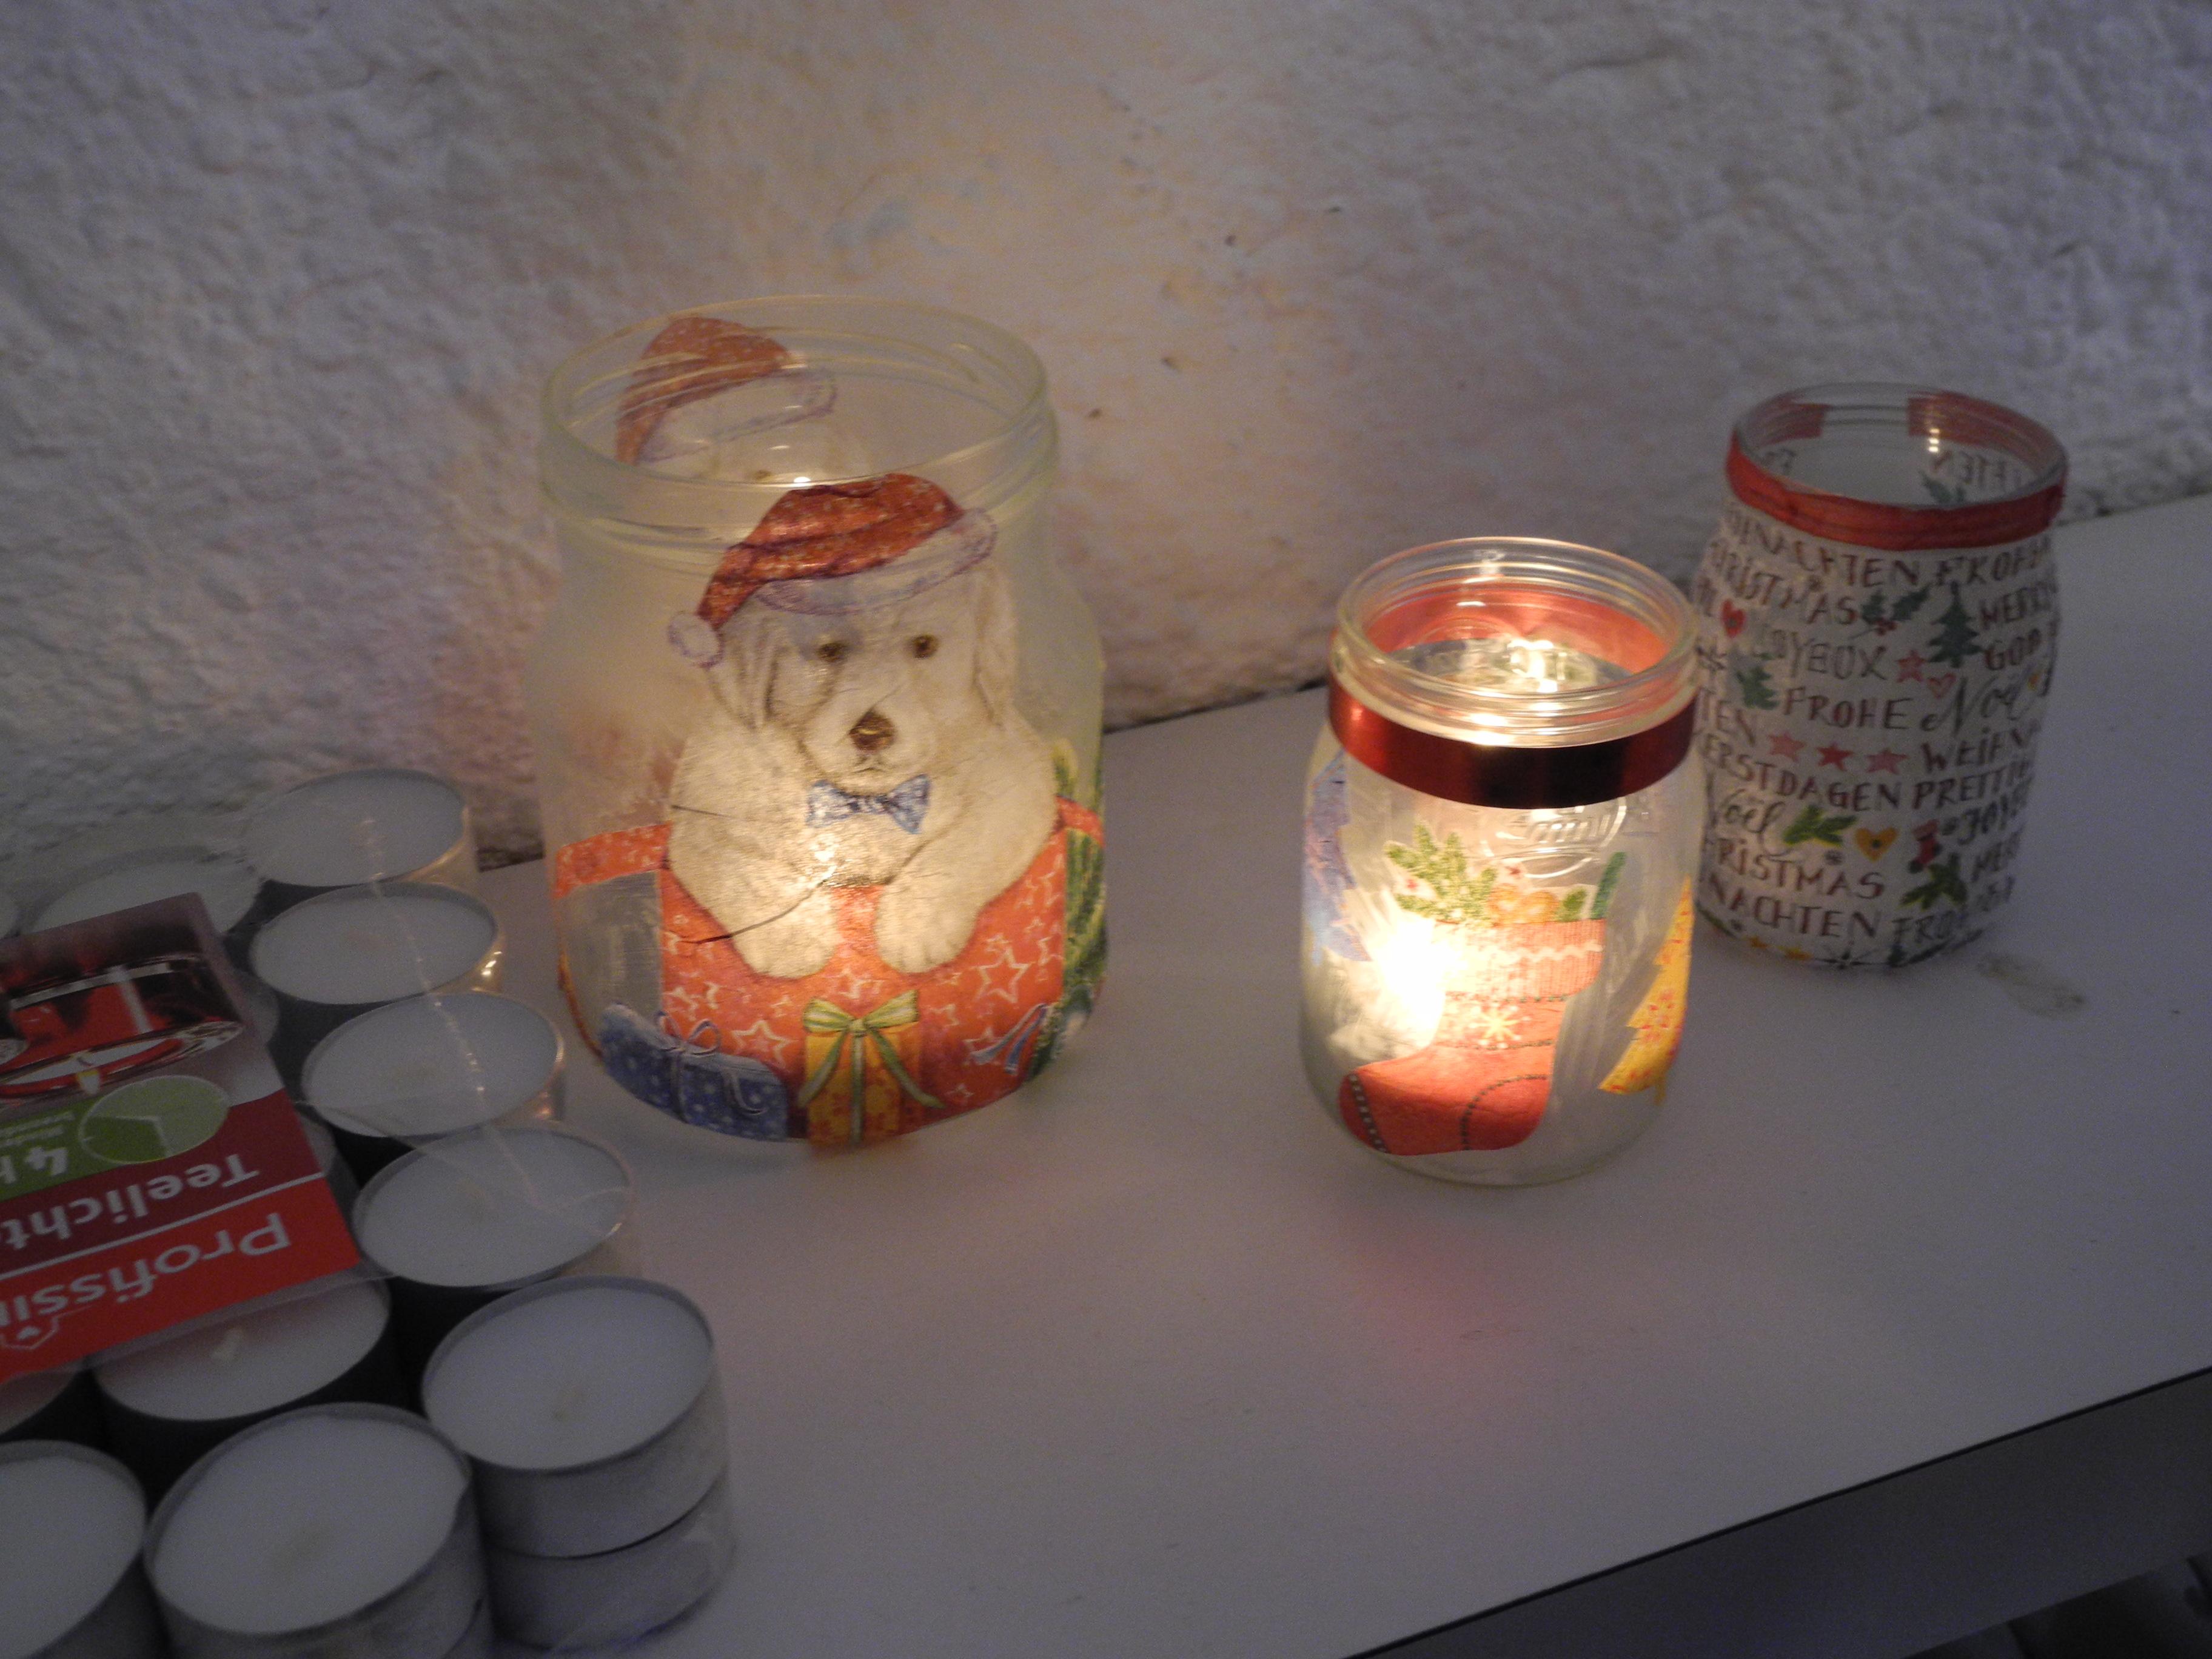 Fabelhaft Kleine Weihnachtsgeschenke Basteln Dekoration Von Unseres/er Fsj-mitarbeiters/in Werden Kurz Vor Weihnachten Verschiedene